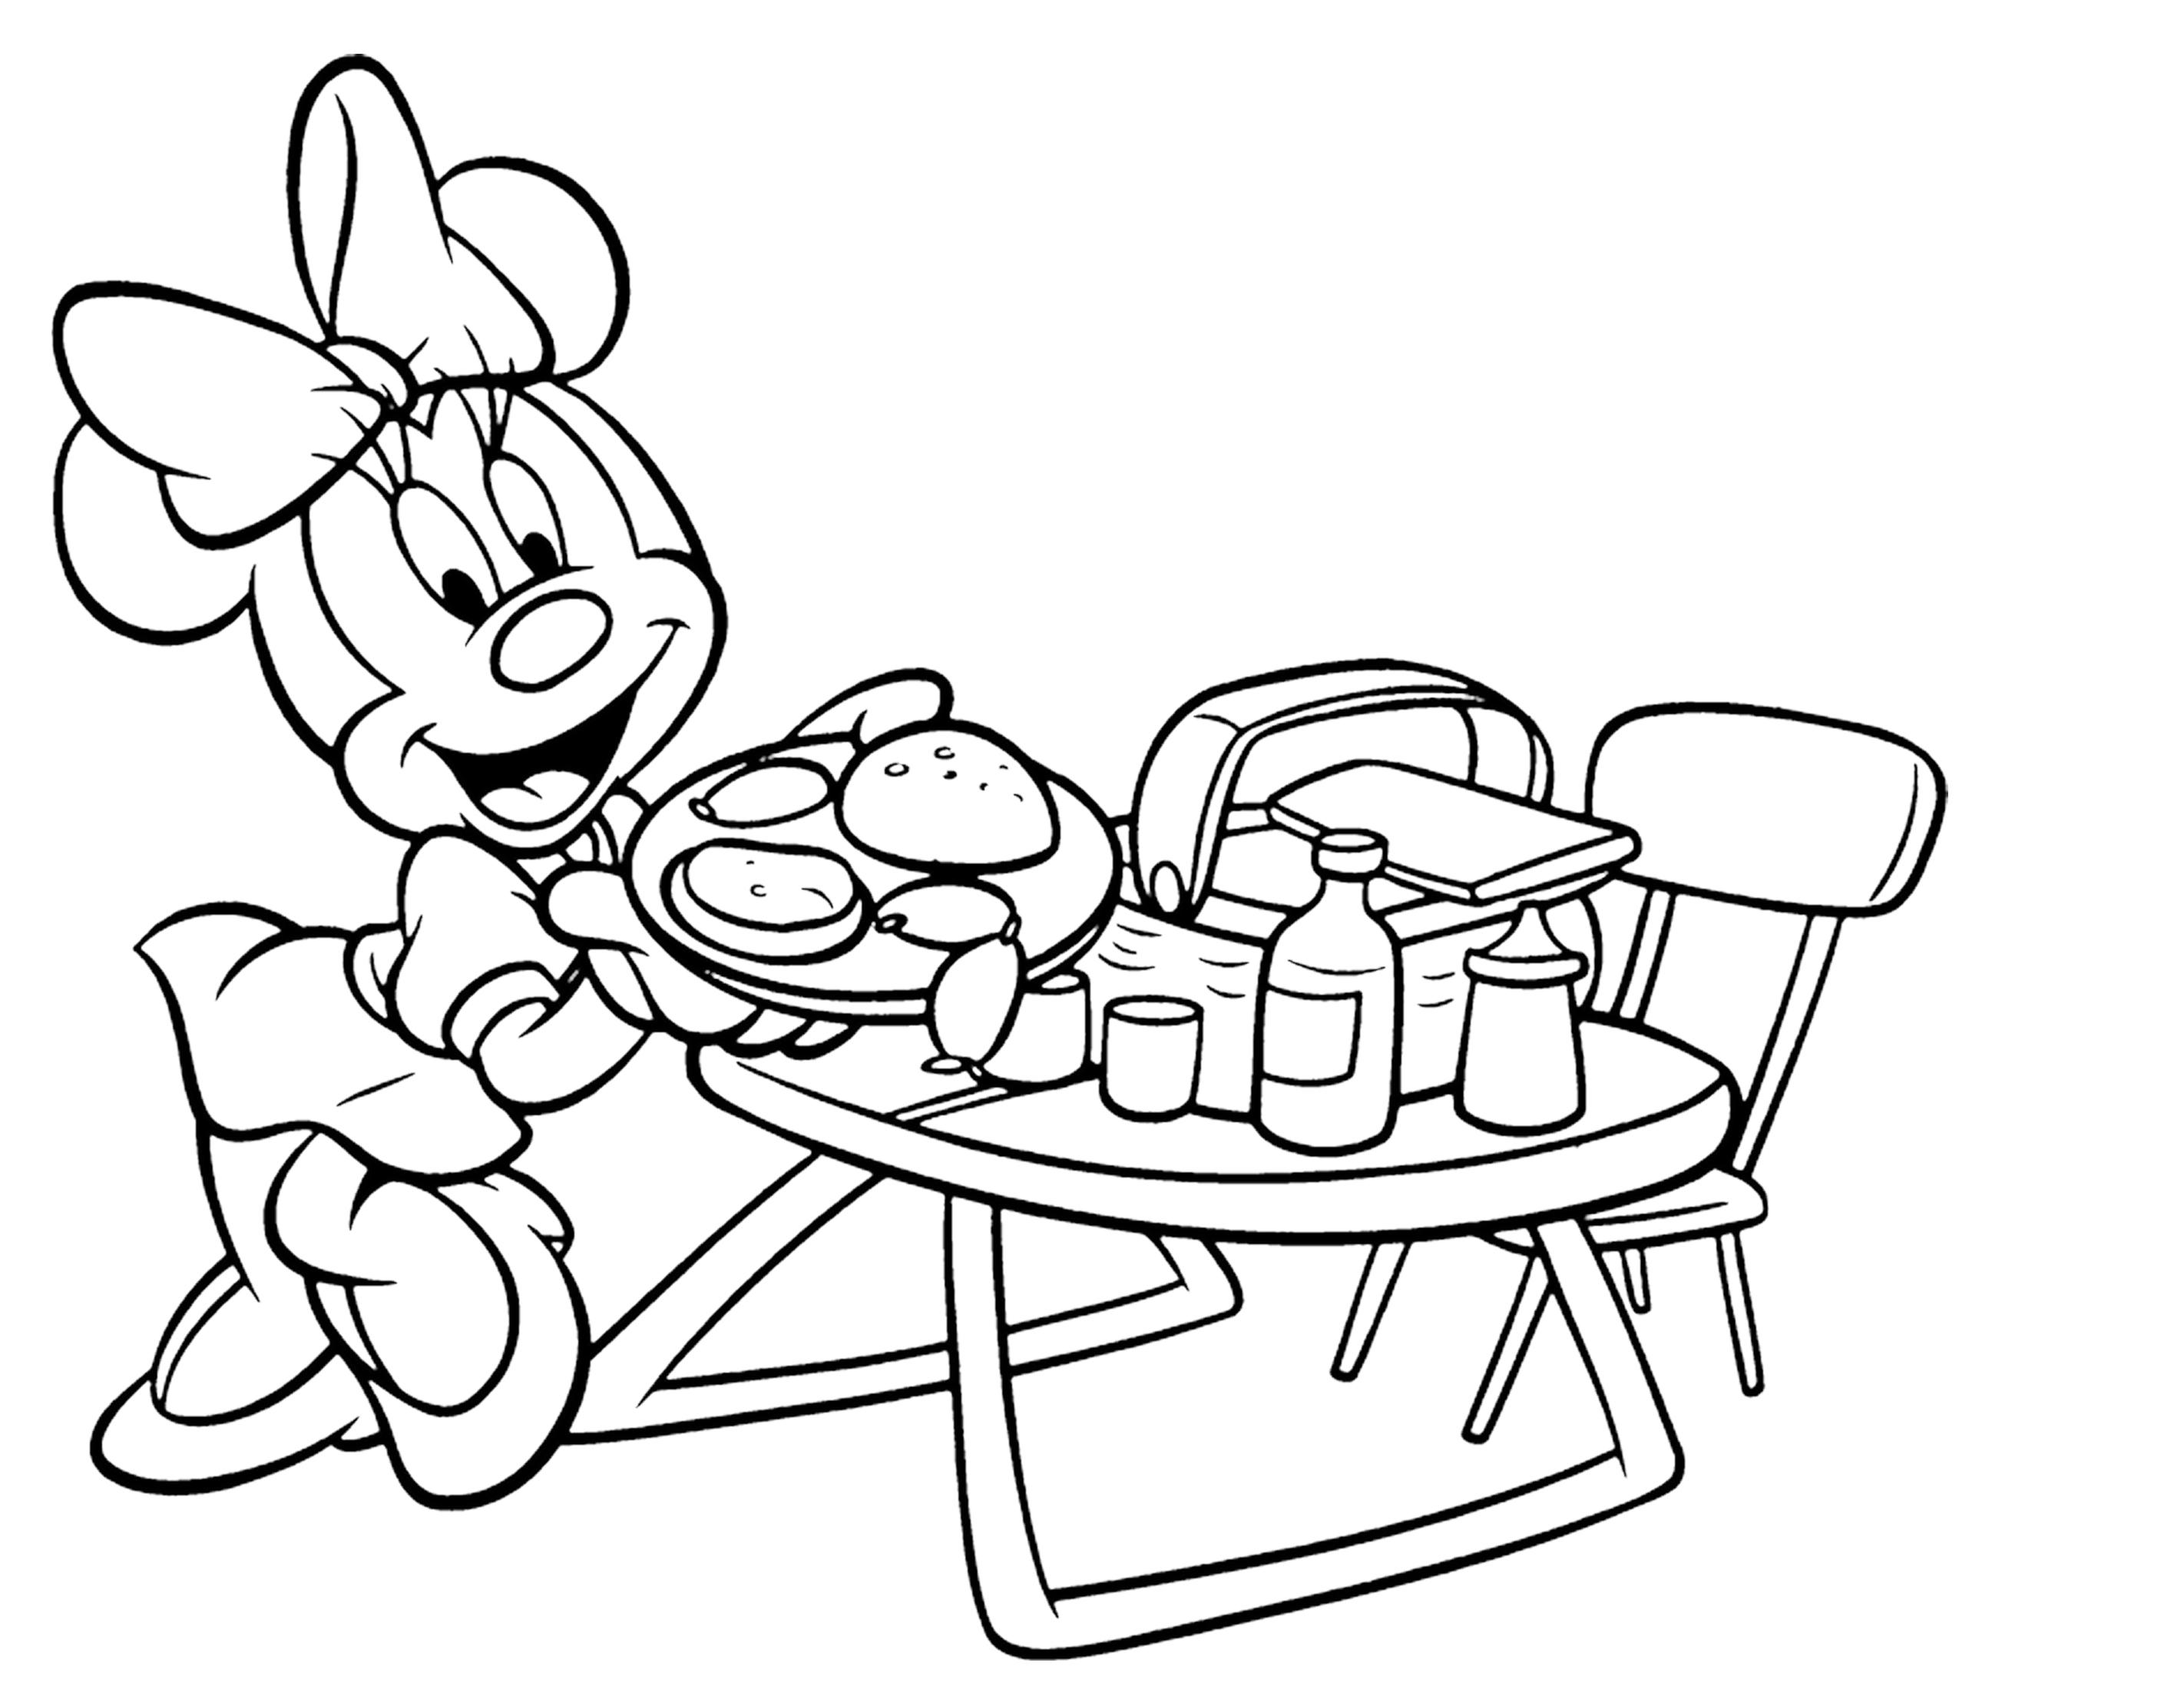 صور رسومات للتلوين للأطفال تلوين رسم اطفال (8)